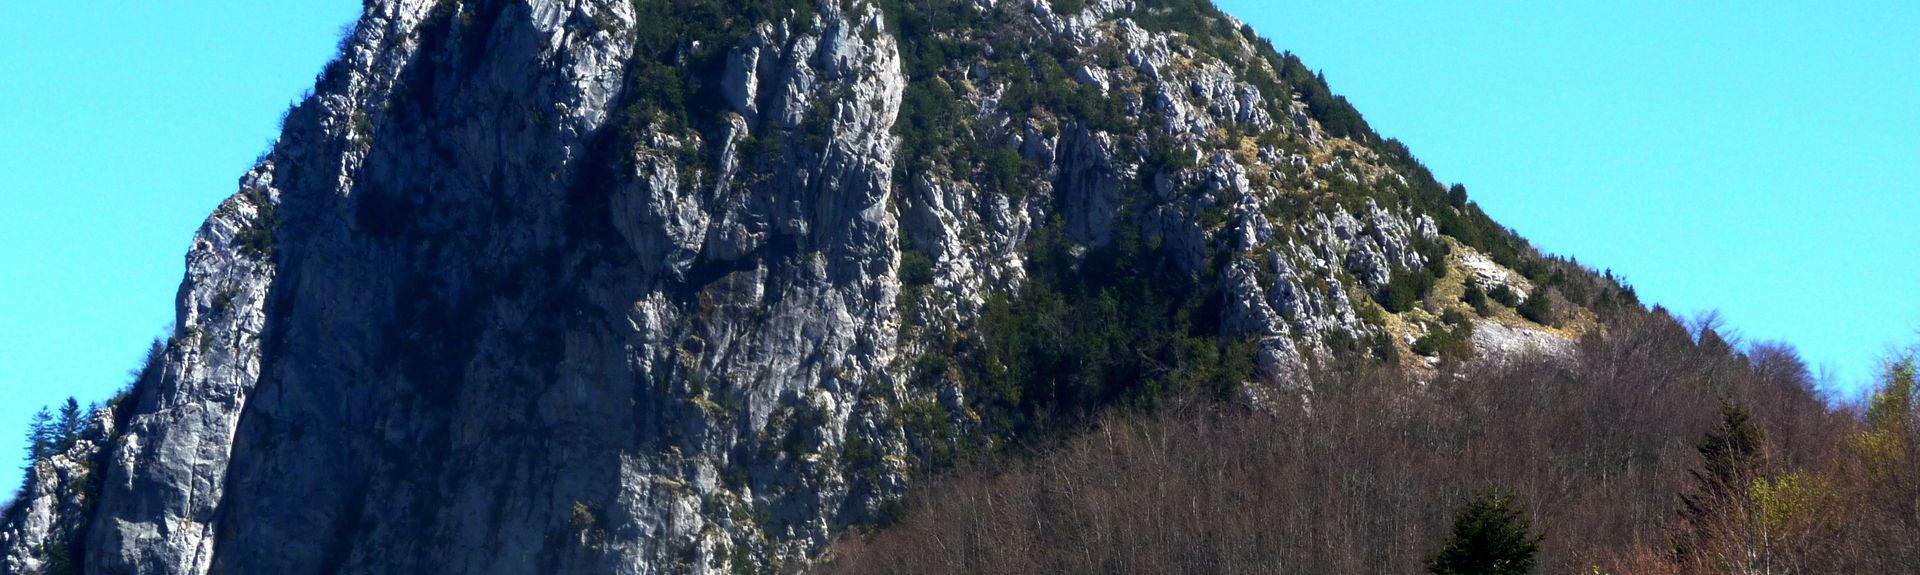 Belvis, Occitania, Francia